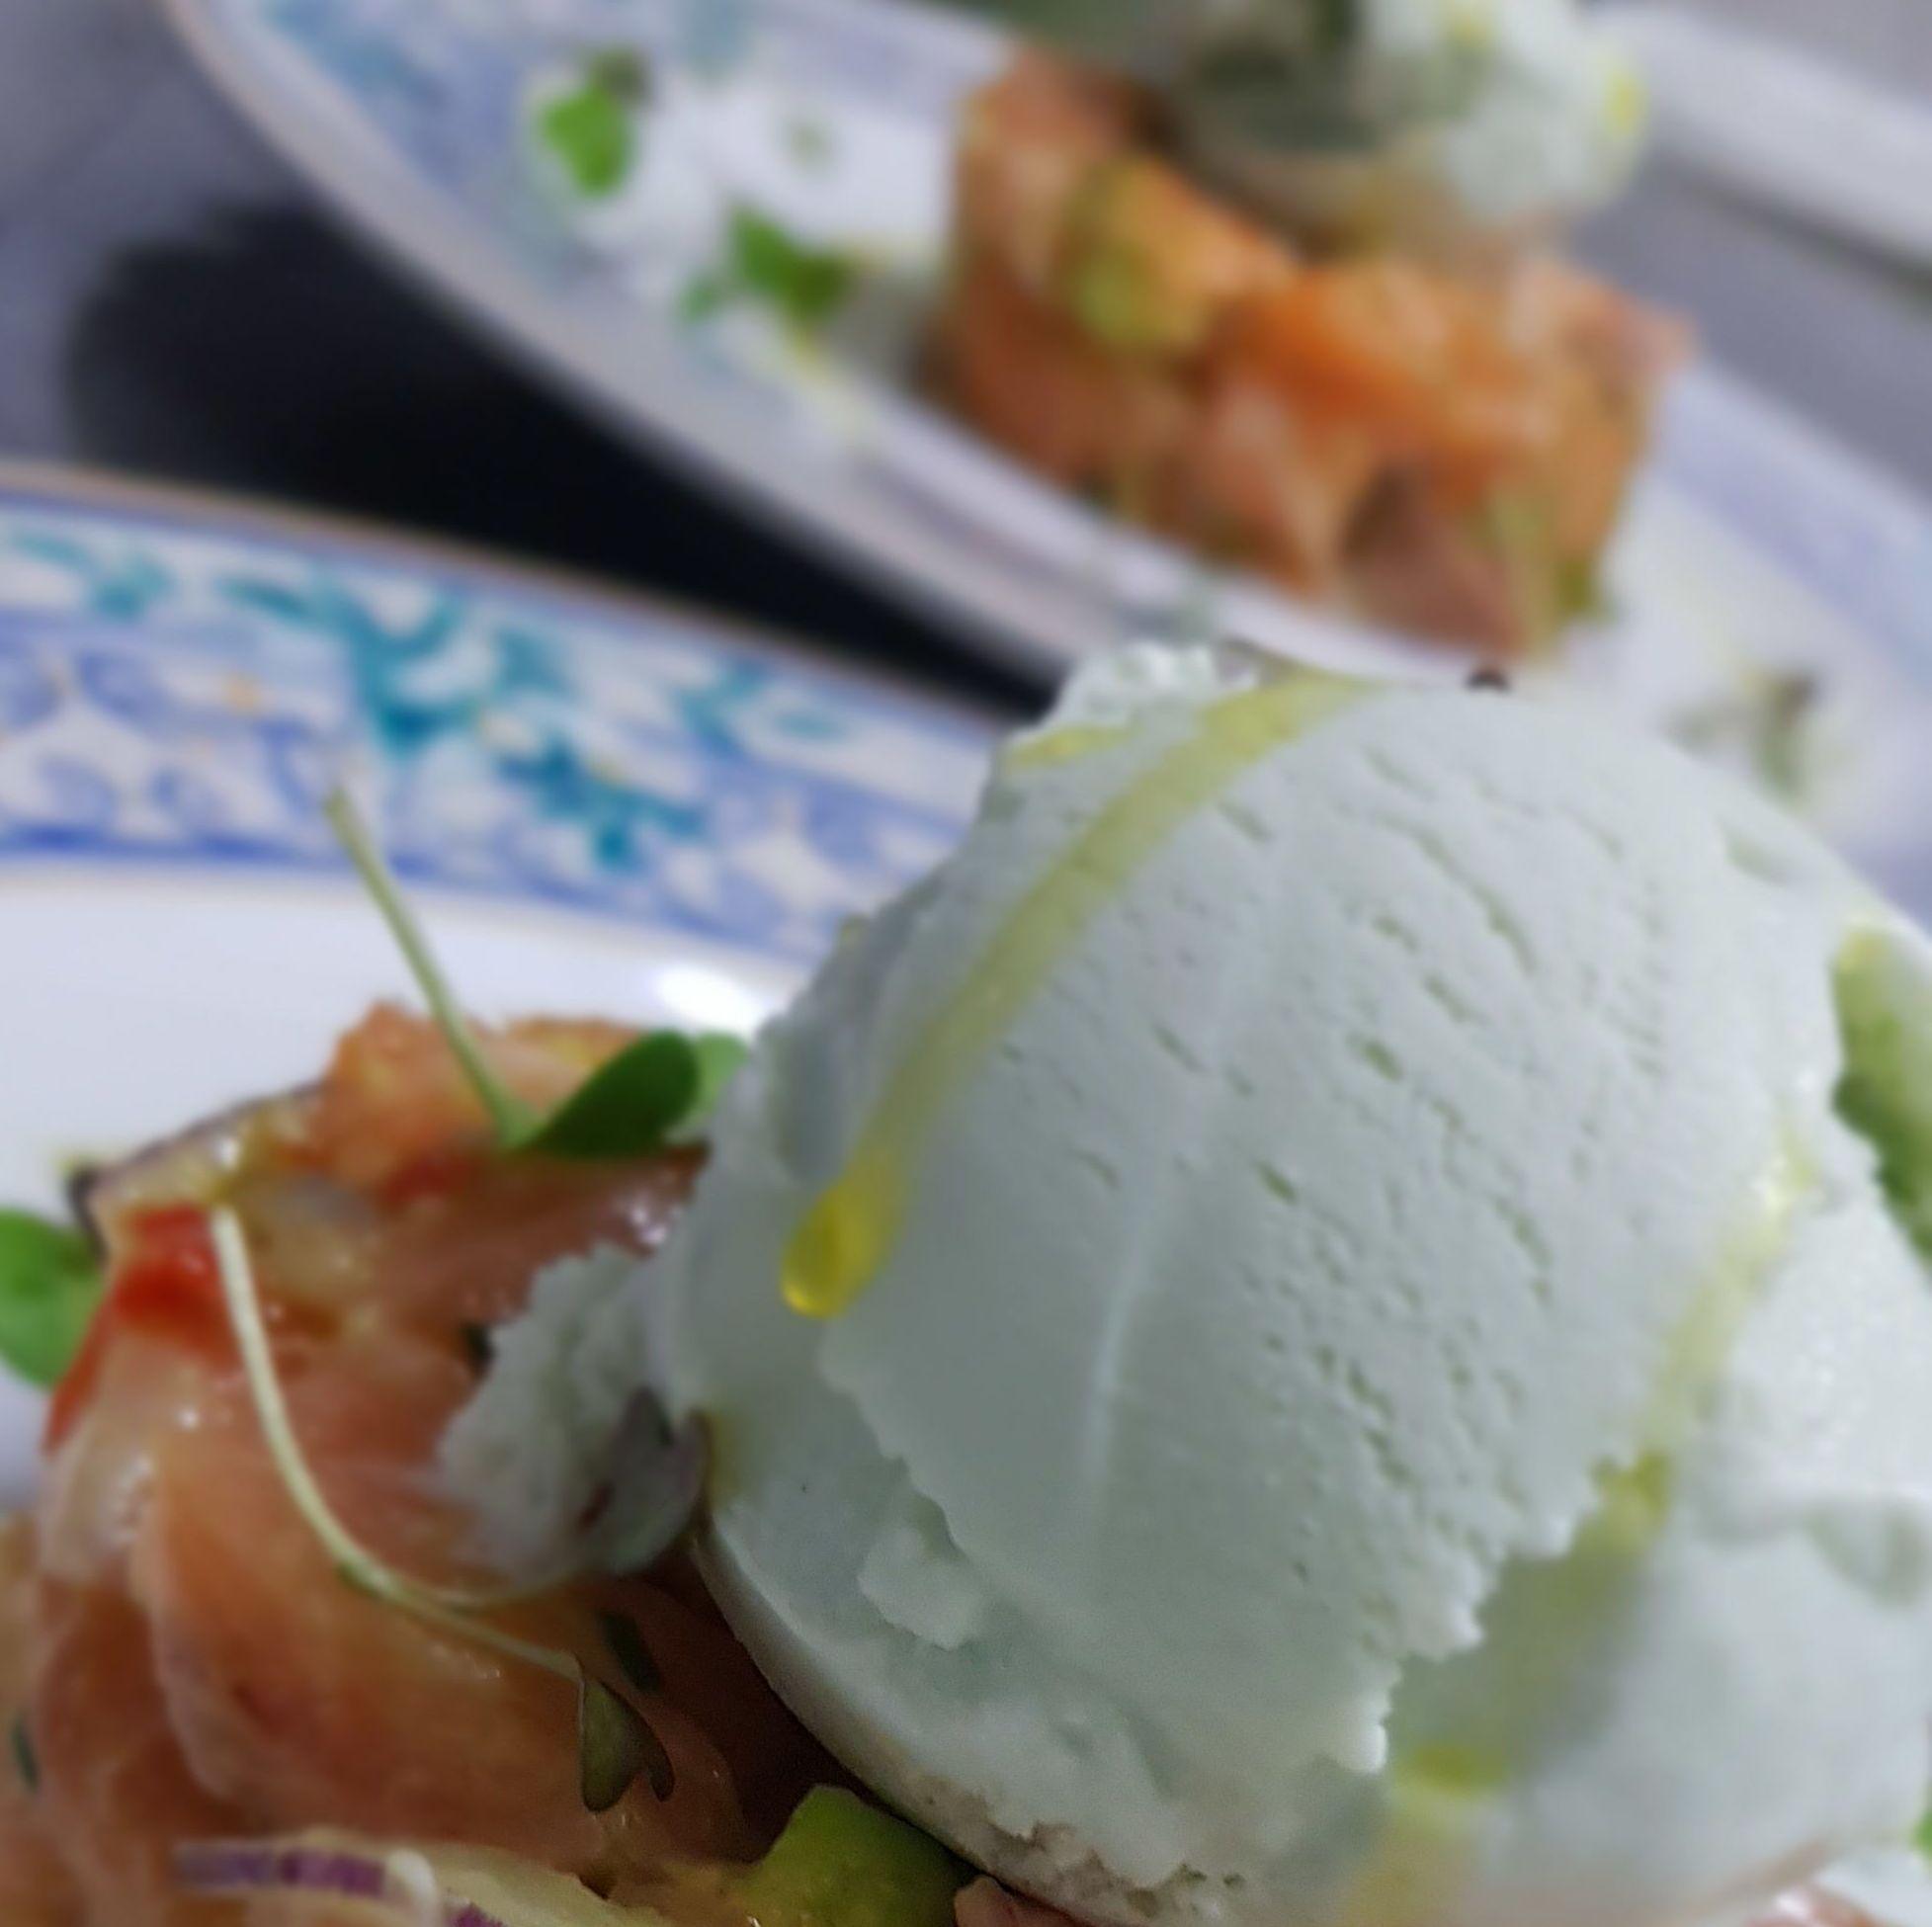 Foto 20 de Restaurante en Alcalá de Henares   Restaurante Skrei Noruego